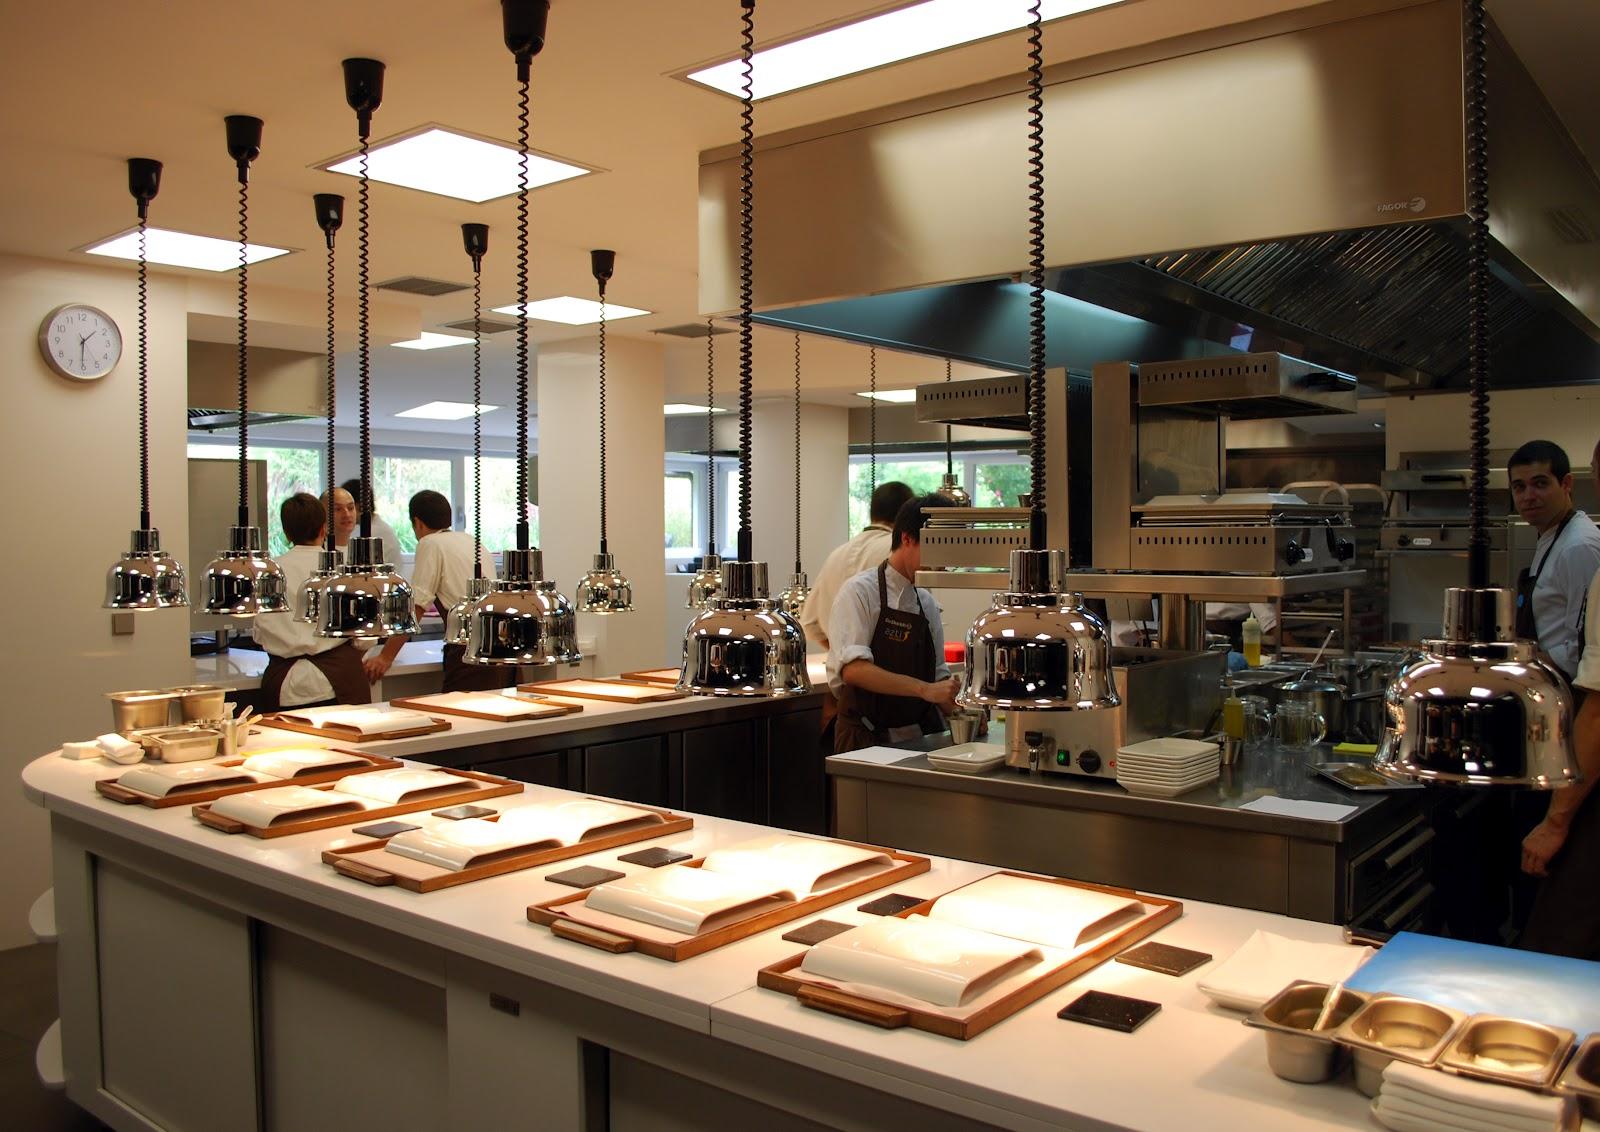 Restaurant Kitchen Equipment Auction